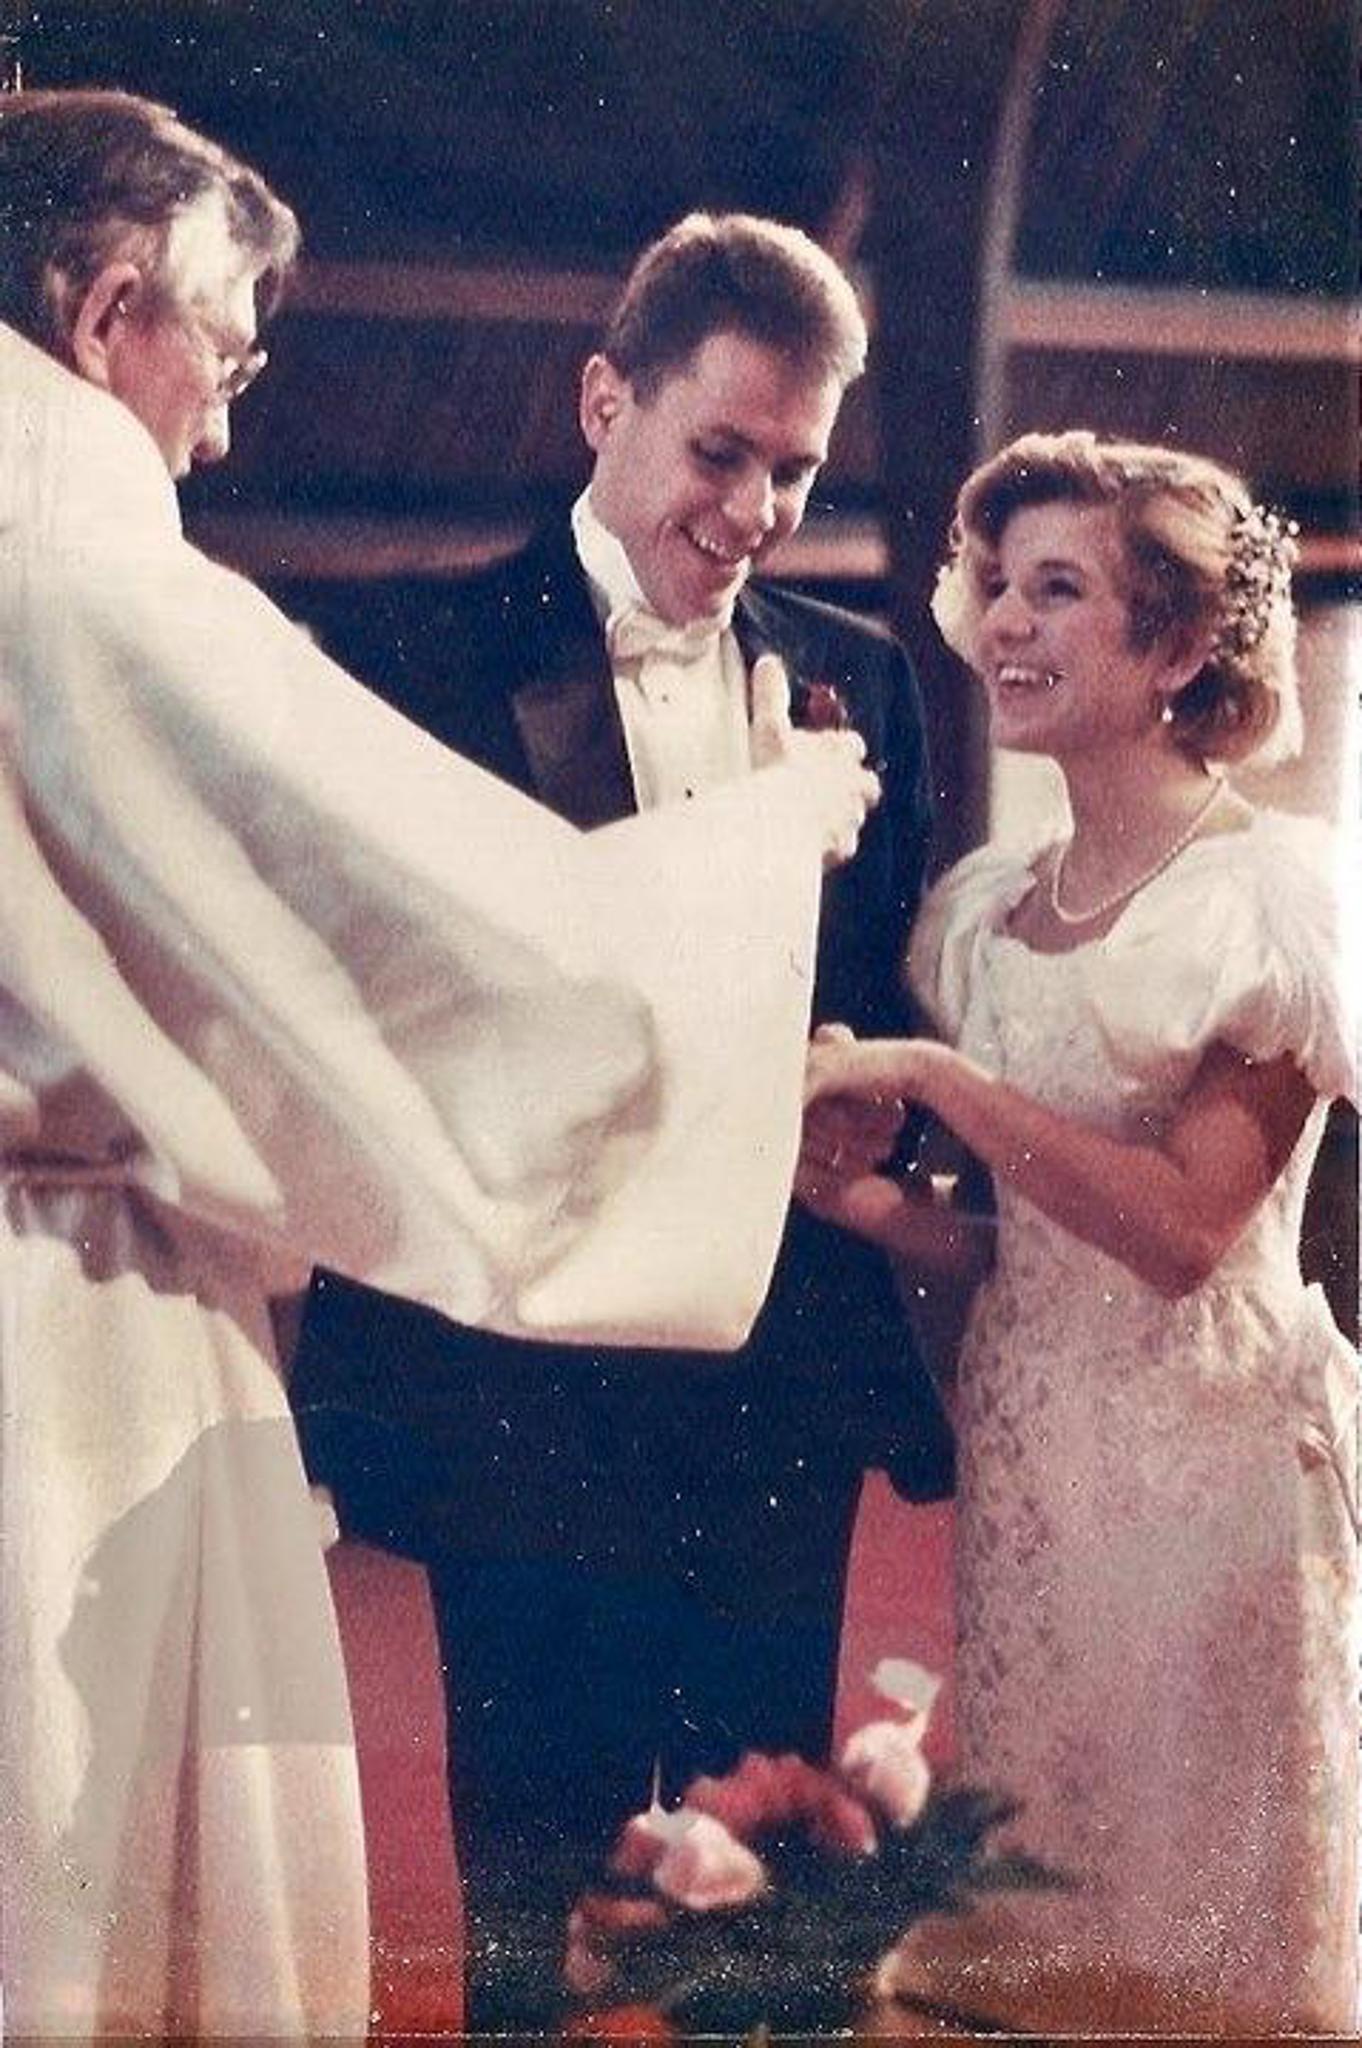 November 25, 1989